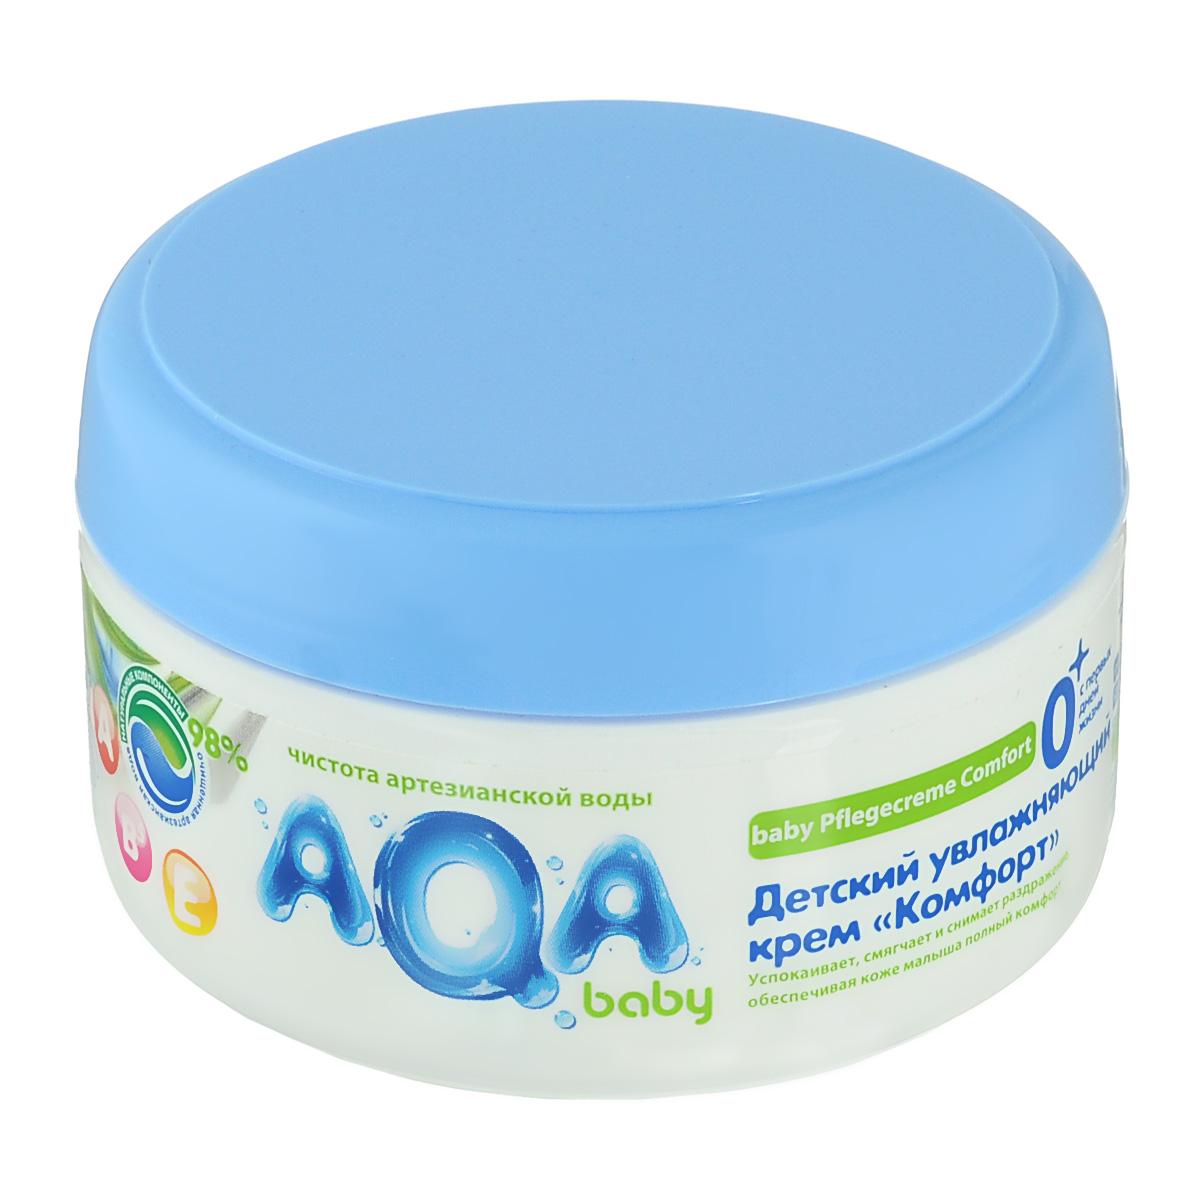 AQA baby Детский увлажняющий крем «Комфорт»2012102Успокаивает, смягчает и снимает раздражение, обеспечивая коже малыша полный комфорт.С натуральным маслом подсолнечника и витаминами А,Е. и В598% натуральных компонентов. Применение крема доставляет истинное наслаждение и комфортное ощущение нежной коже: комбинация натурального масла подсолнечника и витаминов А, Е и В5 обеспечивает уход за чувствительной кожей ребенка, успокаивает, смягчает и снимает раздражение. Отсутствие в креме аллергенов и красителей позволяет использовать его для чувствительной кожи ребенка с самого раннего возраста.